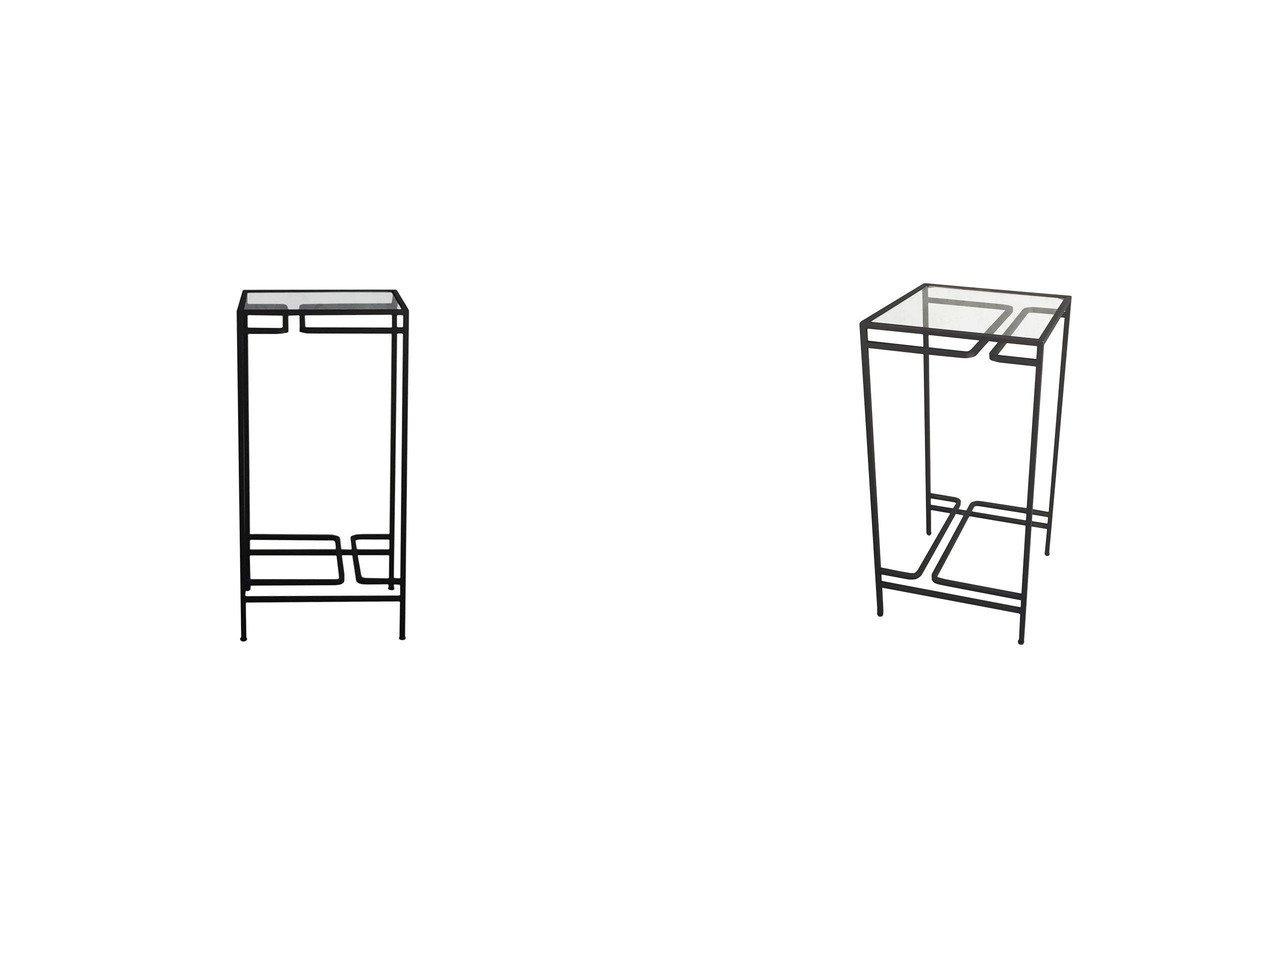 【FLYMEe Noir/フライミー ノワール】のレイライン コンソールテーブル 高さ100cm&レイライン コンソールテーブル 高さ80cm 【FURNITURE】おすすめ!人気、インテリア雑貨・家具の通販 おすすめで人気の流行・トレンド、ファッションの通販商品 インテリア・家具・メンズファッション・キッズファッション・レディースファッション・服の通販 founy(ファニー) https://founy.com/ 送料無料 Free Shipping おすすめ Recommend ガラス テーブル ホーム・キャンプ・アウトドア Home,Garden,Outdoor,Camping Gear 家具・インテリア Furniture テーブル Table コンソール・カウンターテーブル |ID:crp329100000055630